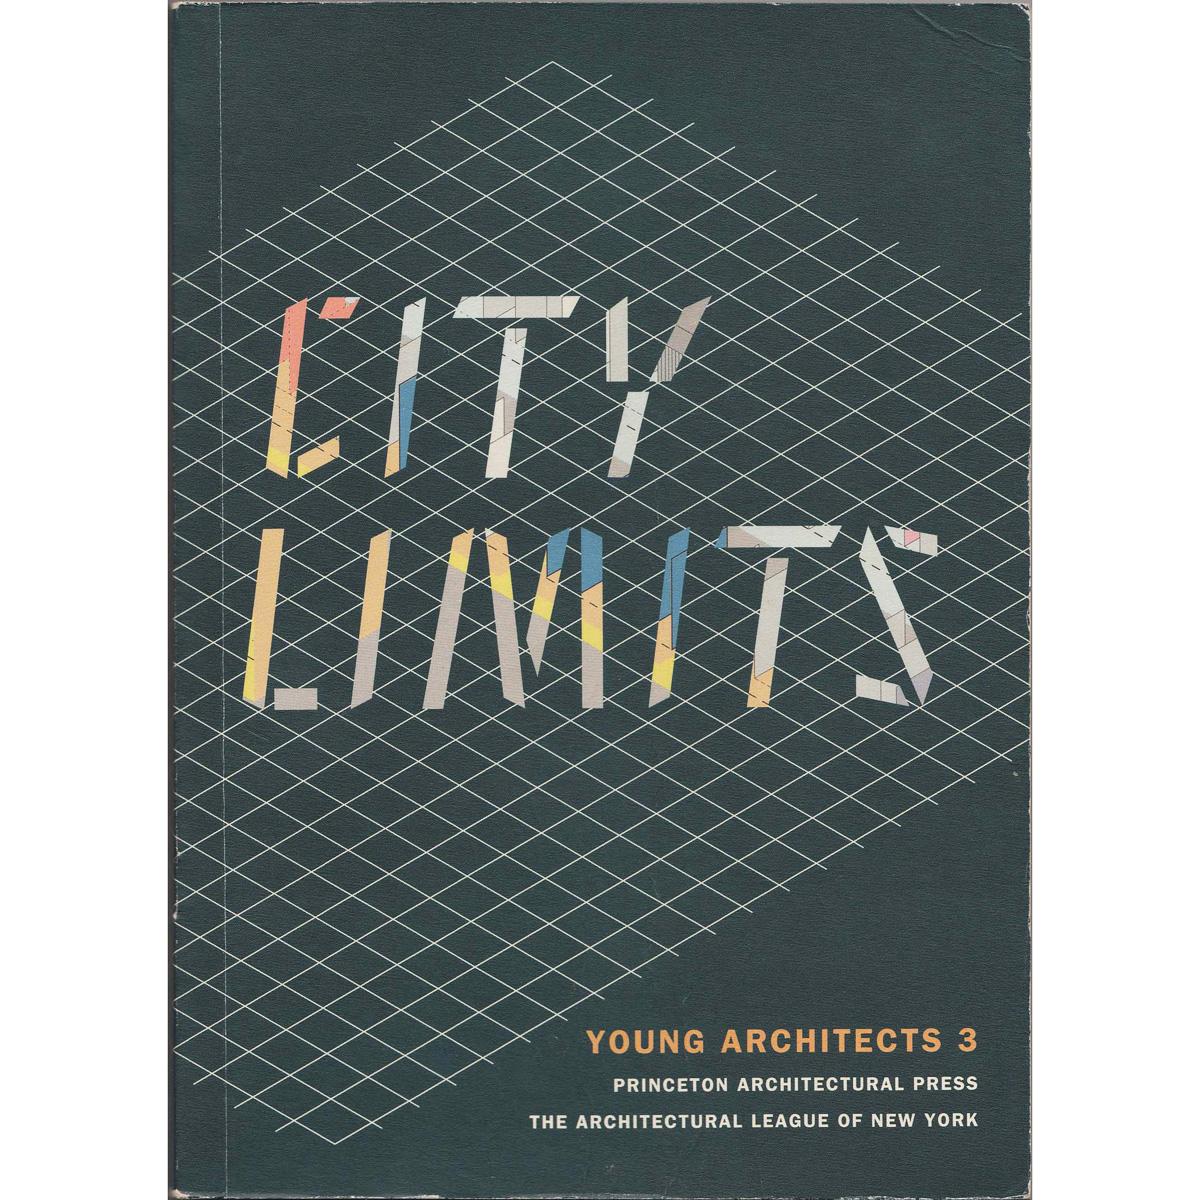 City Limits Exhibition